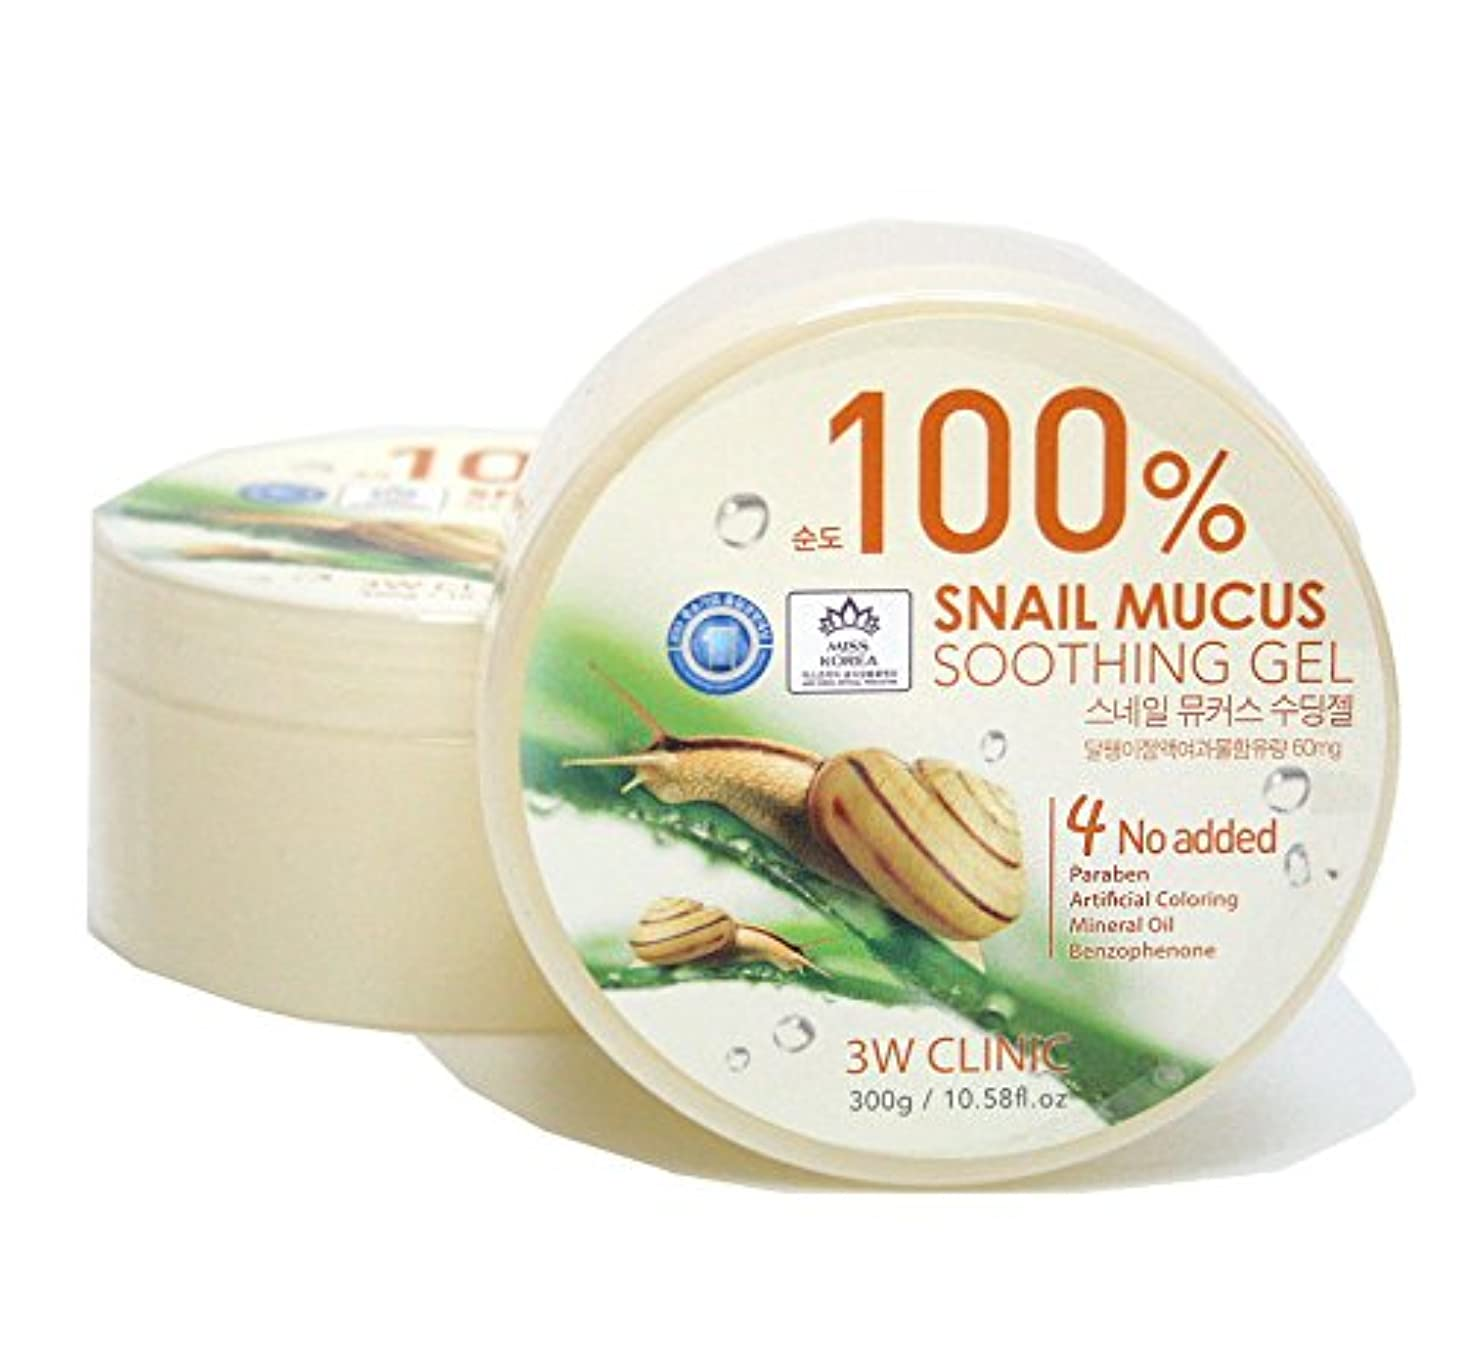 子音憎しみ登場[3W CLINIC] カタツムリ粘液スージングジェル300g / Snail Mucus Soothing Gel 300g / 水分/オールスキンタイプ / Moisture / fresh and smooth /...